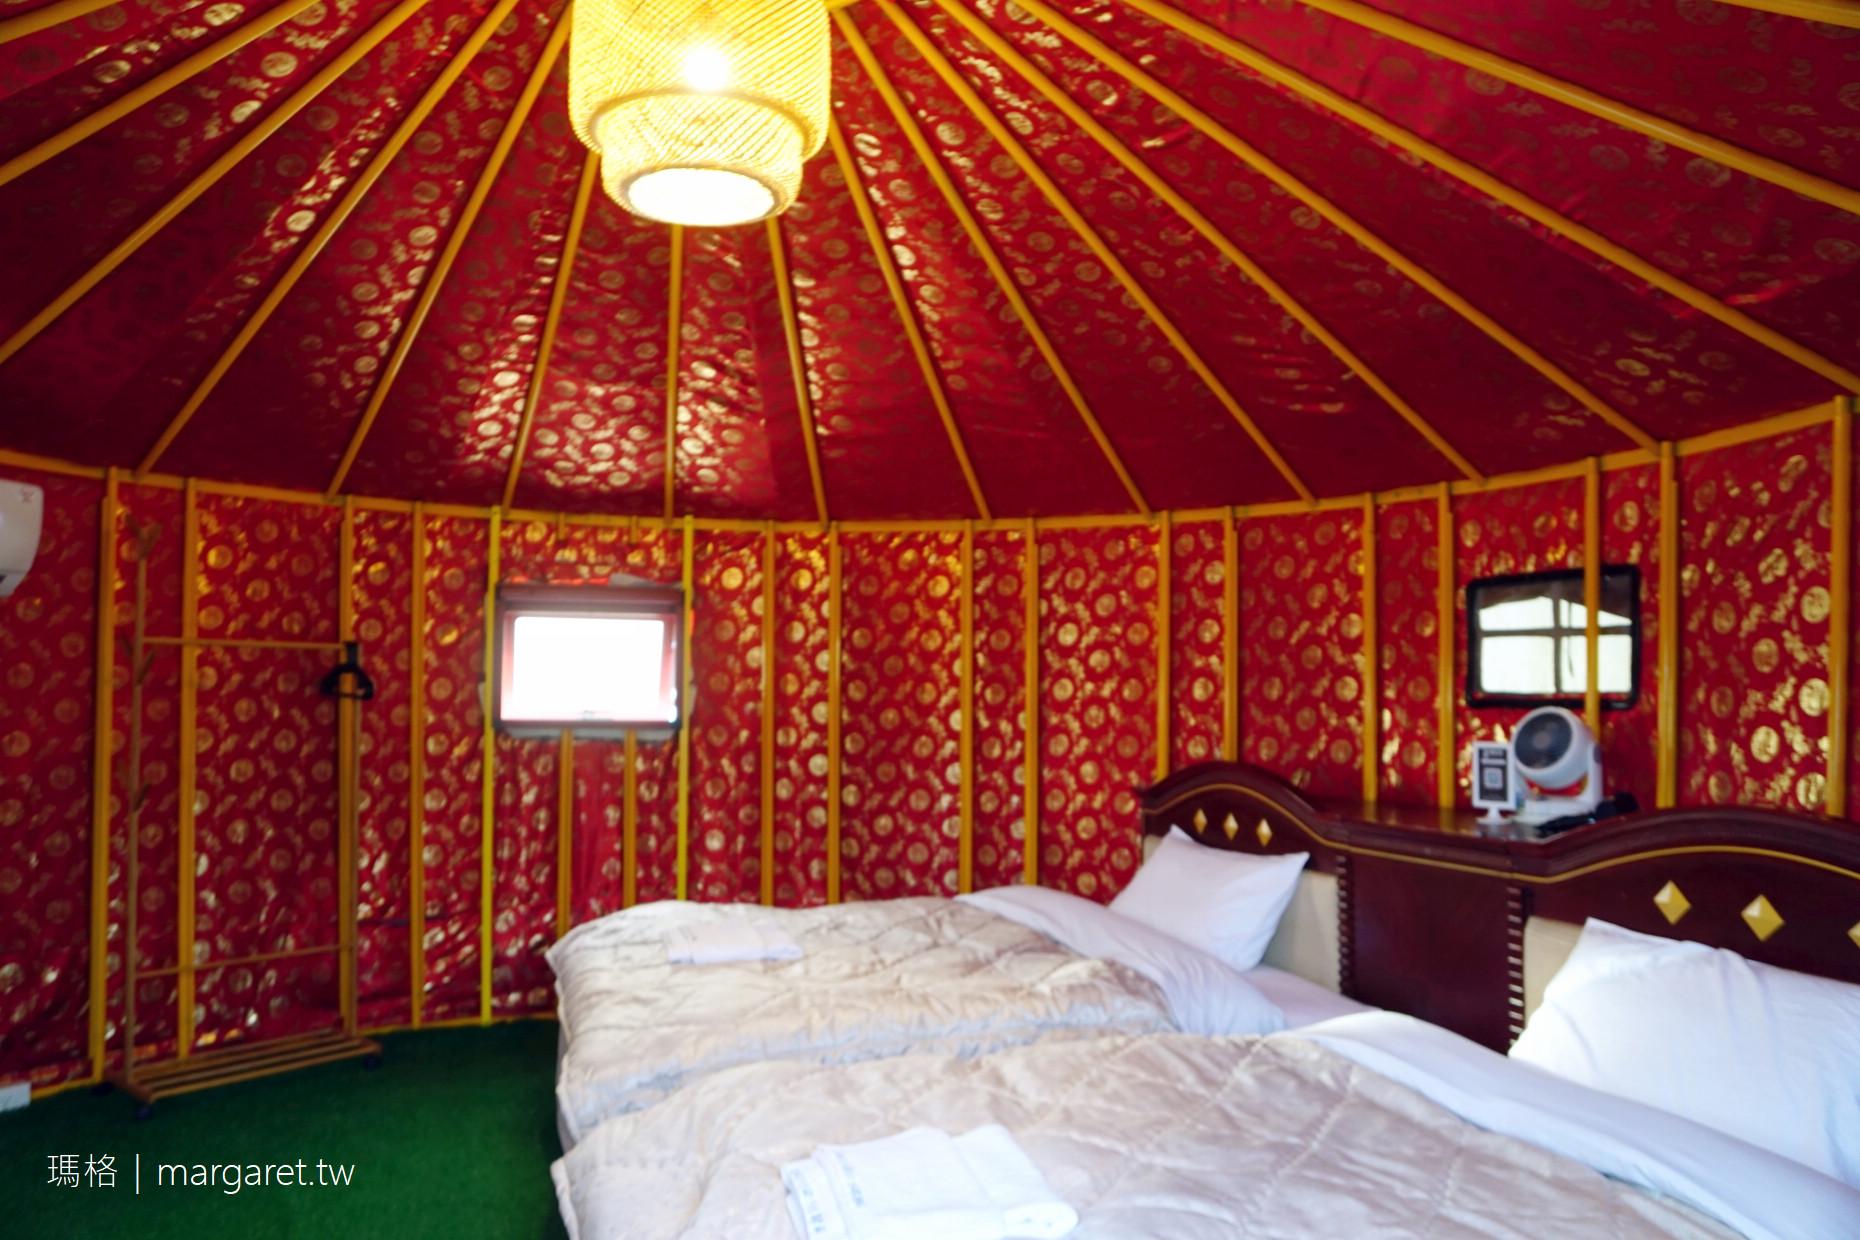 覓境E19蒙古包露營區。到馬祖豪華帳篷住一晚|南竿最美落日海景第一排